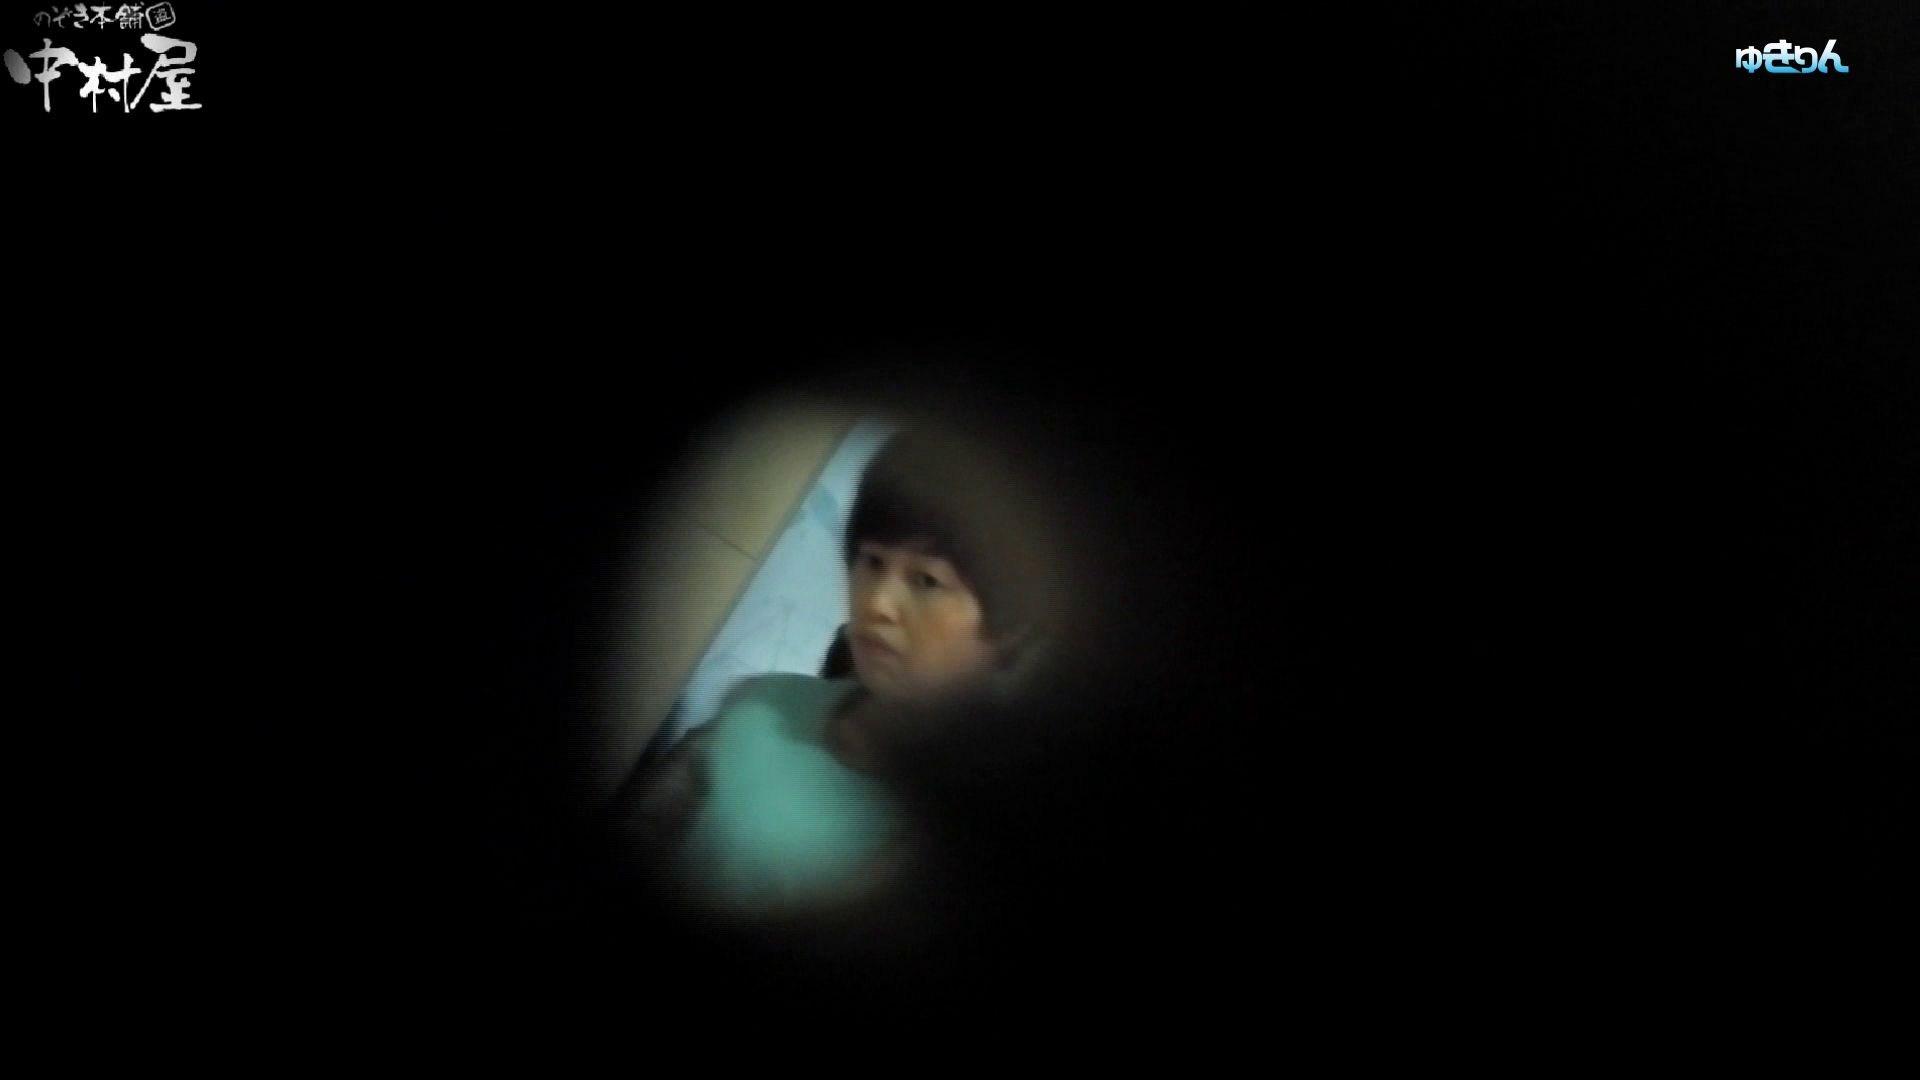 世界の射窓から~ステーション編 vol58 0.1%の確率!!吸い付こまれるプレミアム聖地 おまんこ見放題 | 盗撮シリーズ  80PIX 73